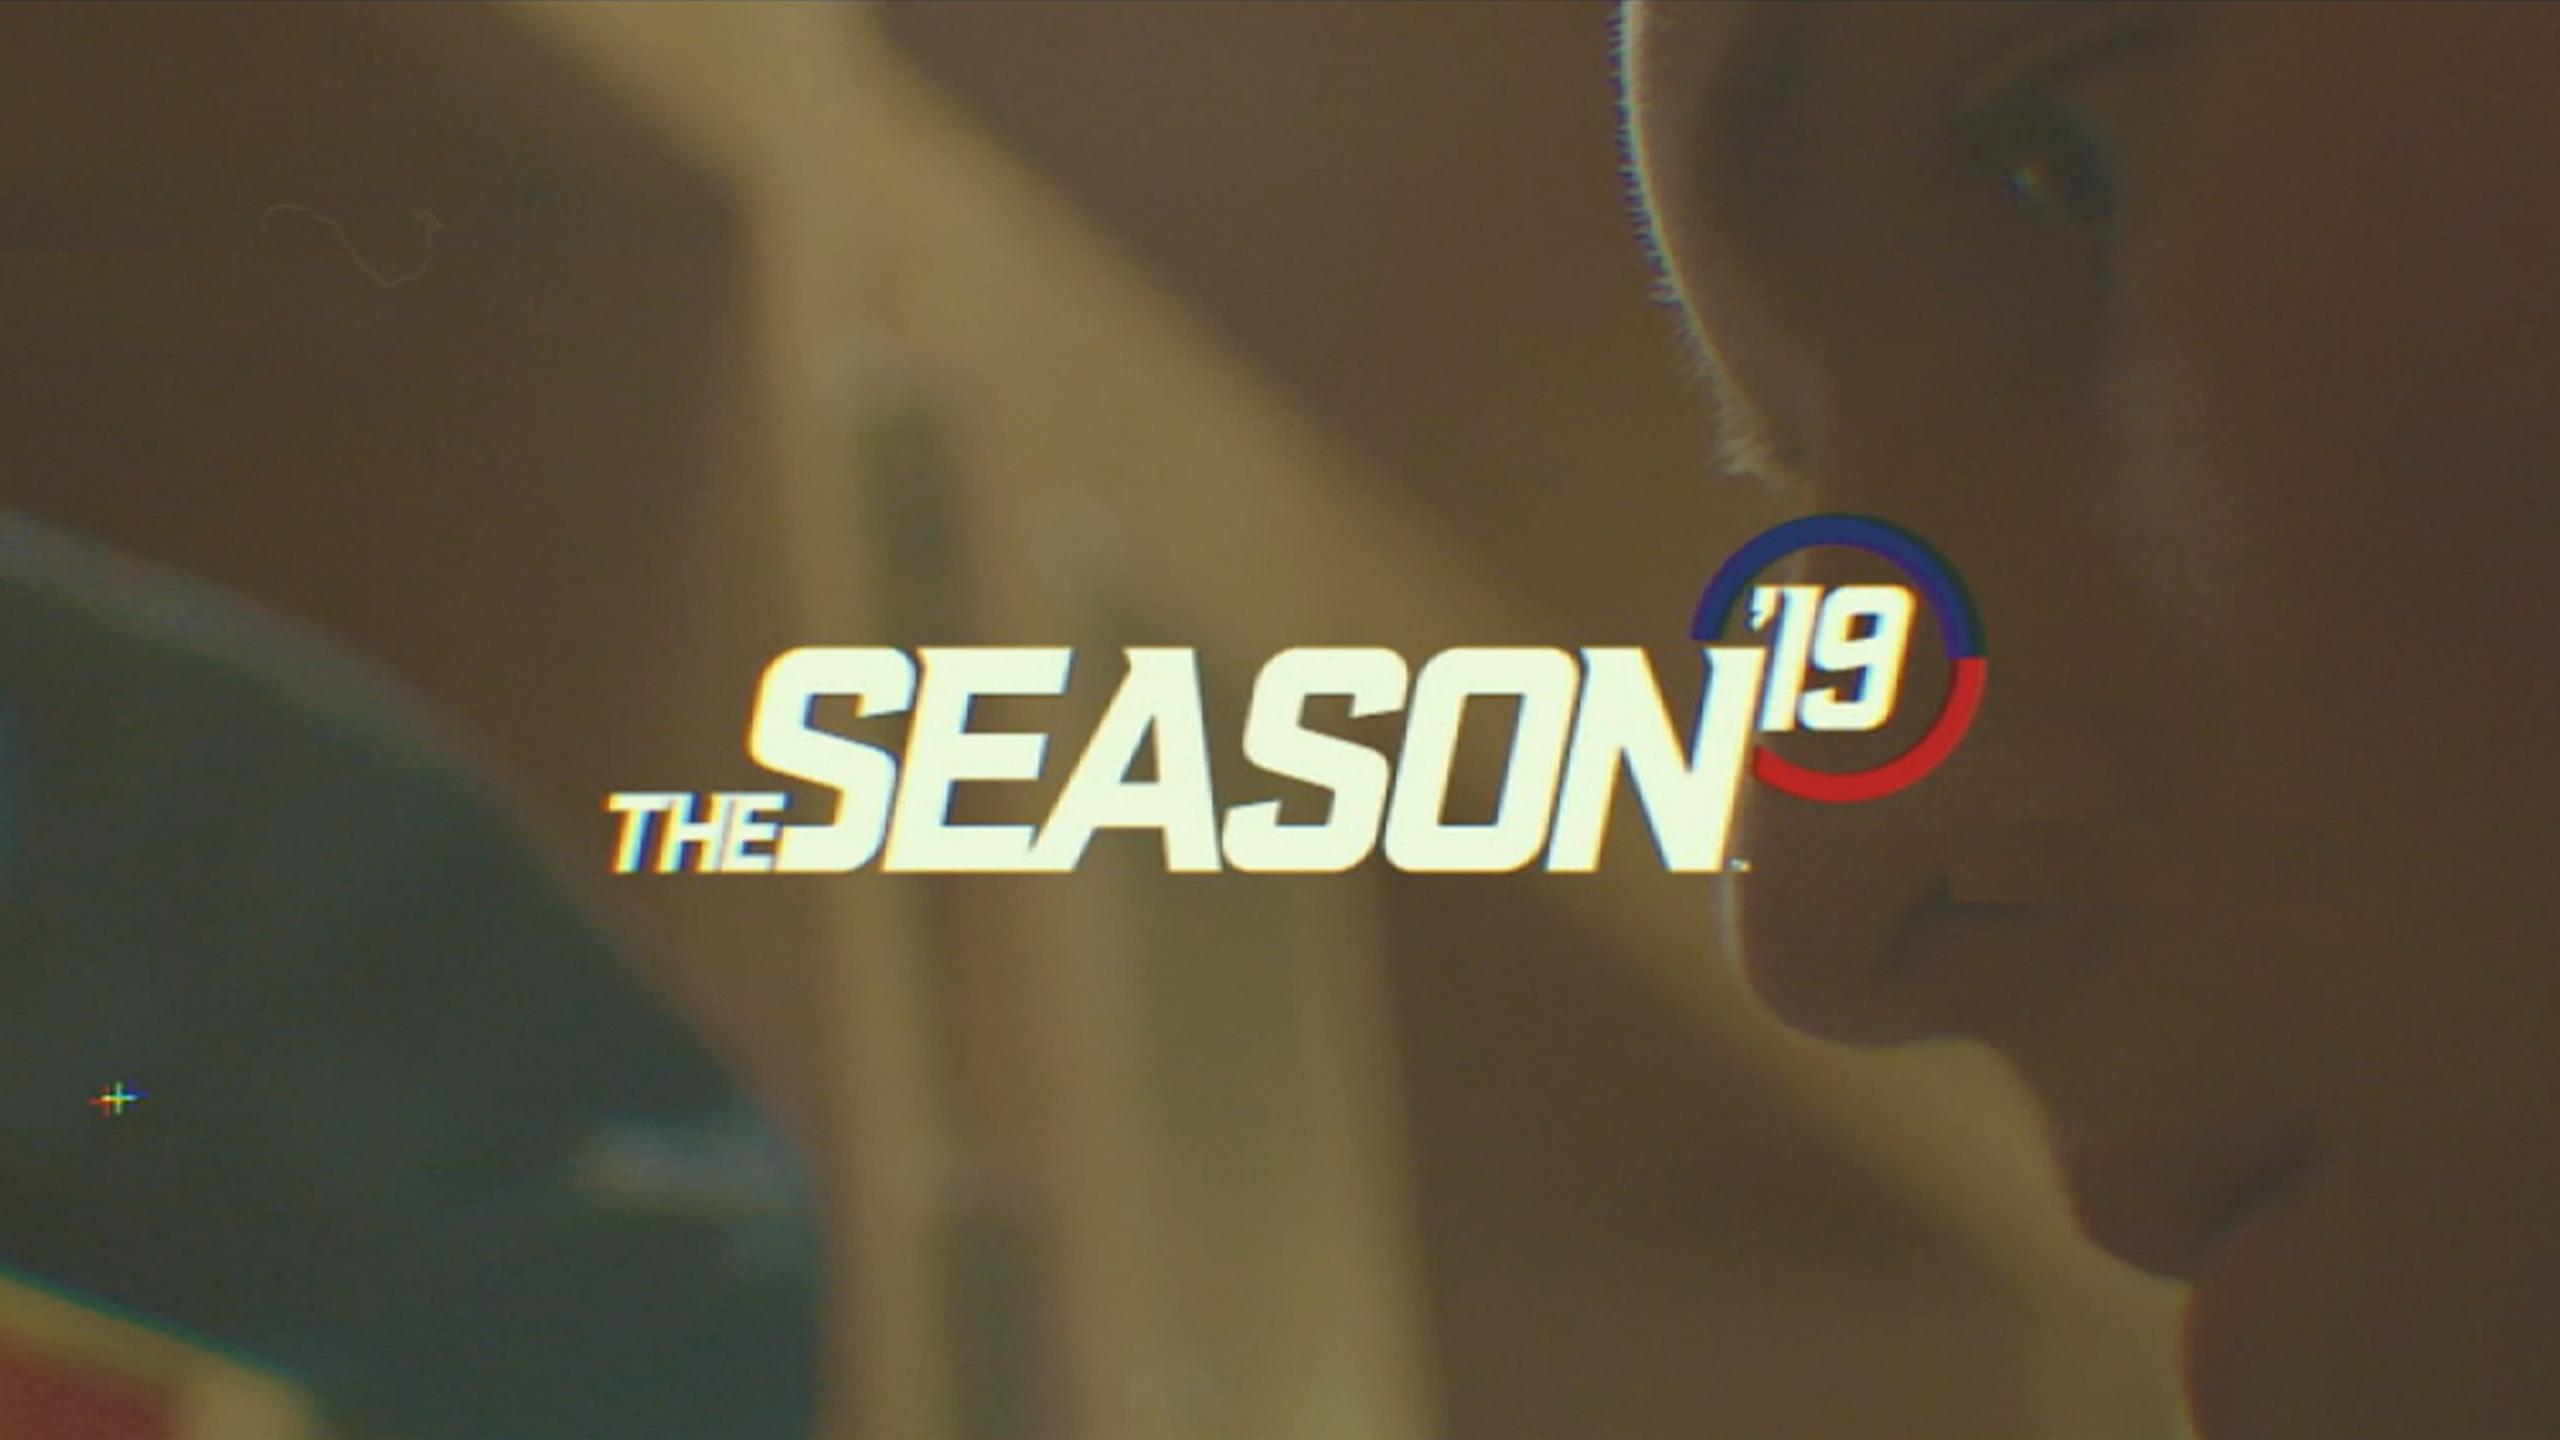 Inside Lacrosse: The Season 2019